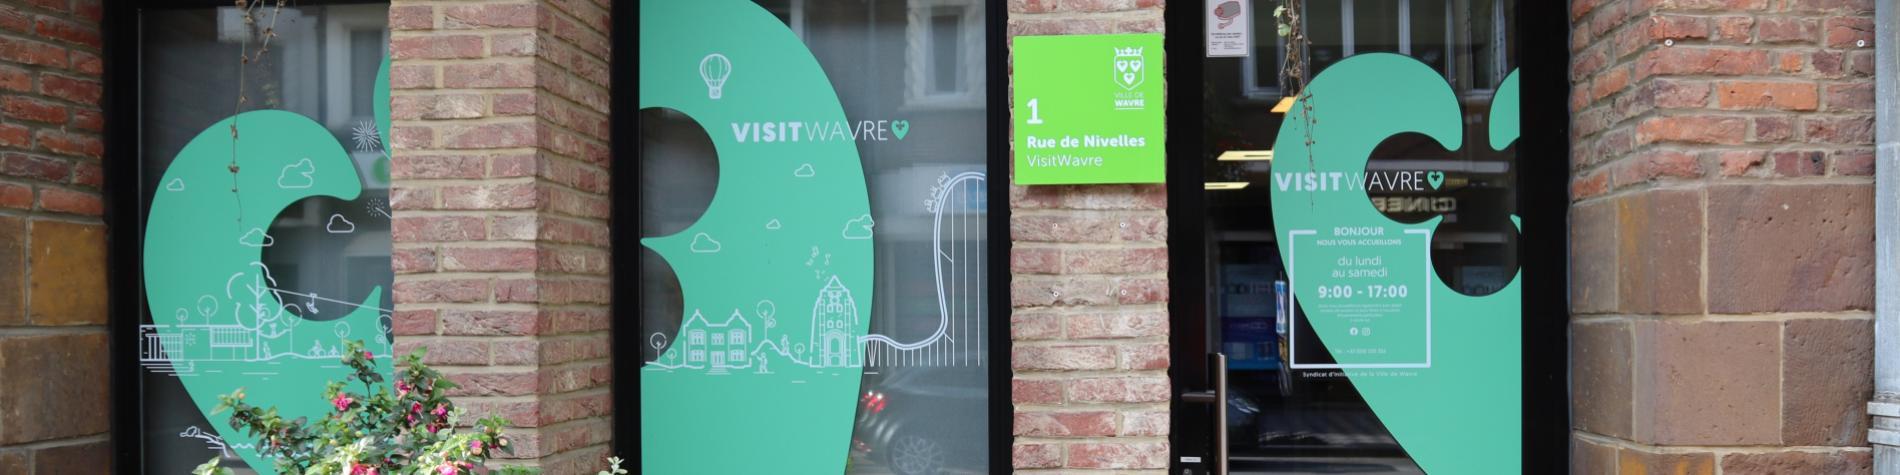 VisitWavre - Centre d'Accueil touristique